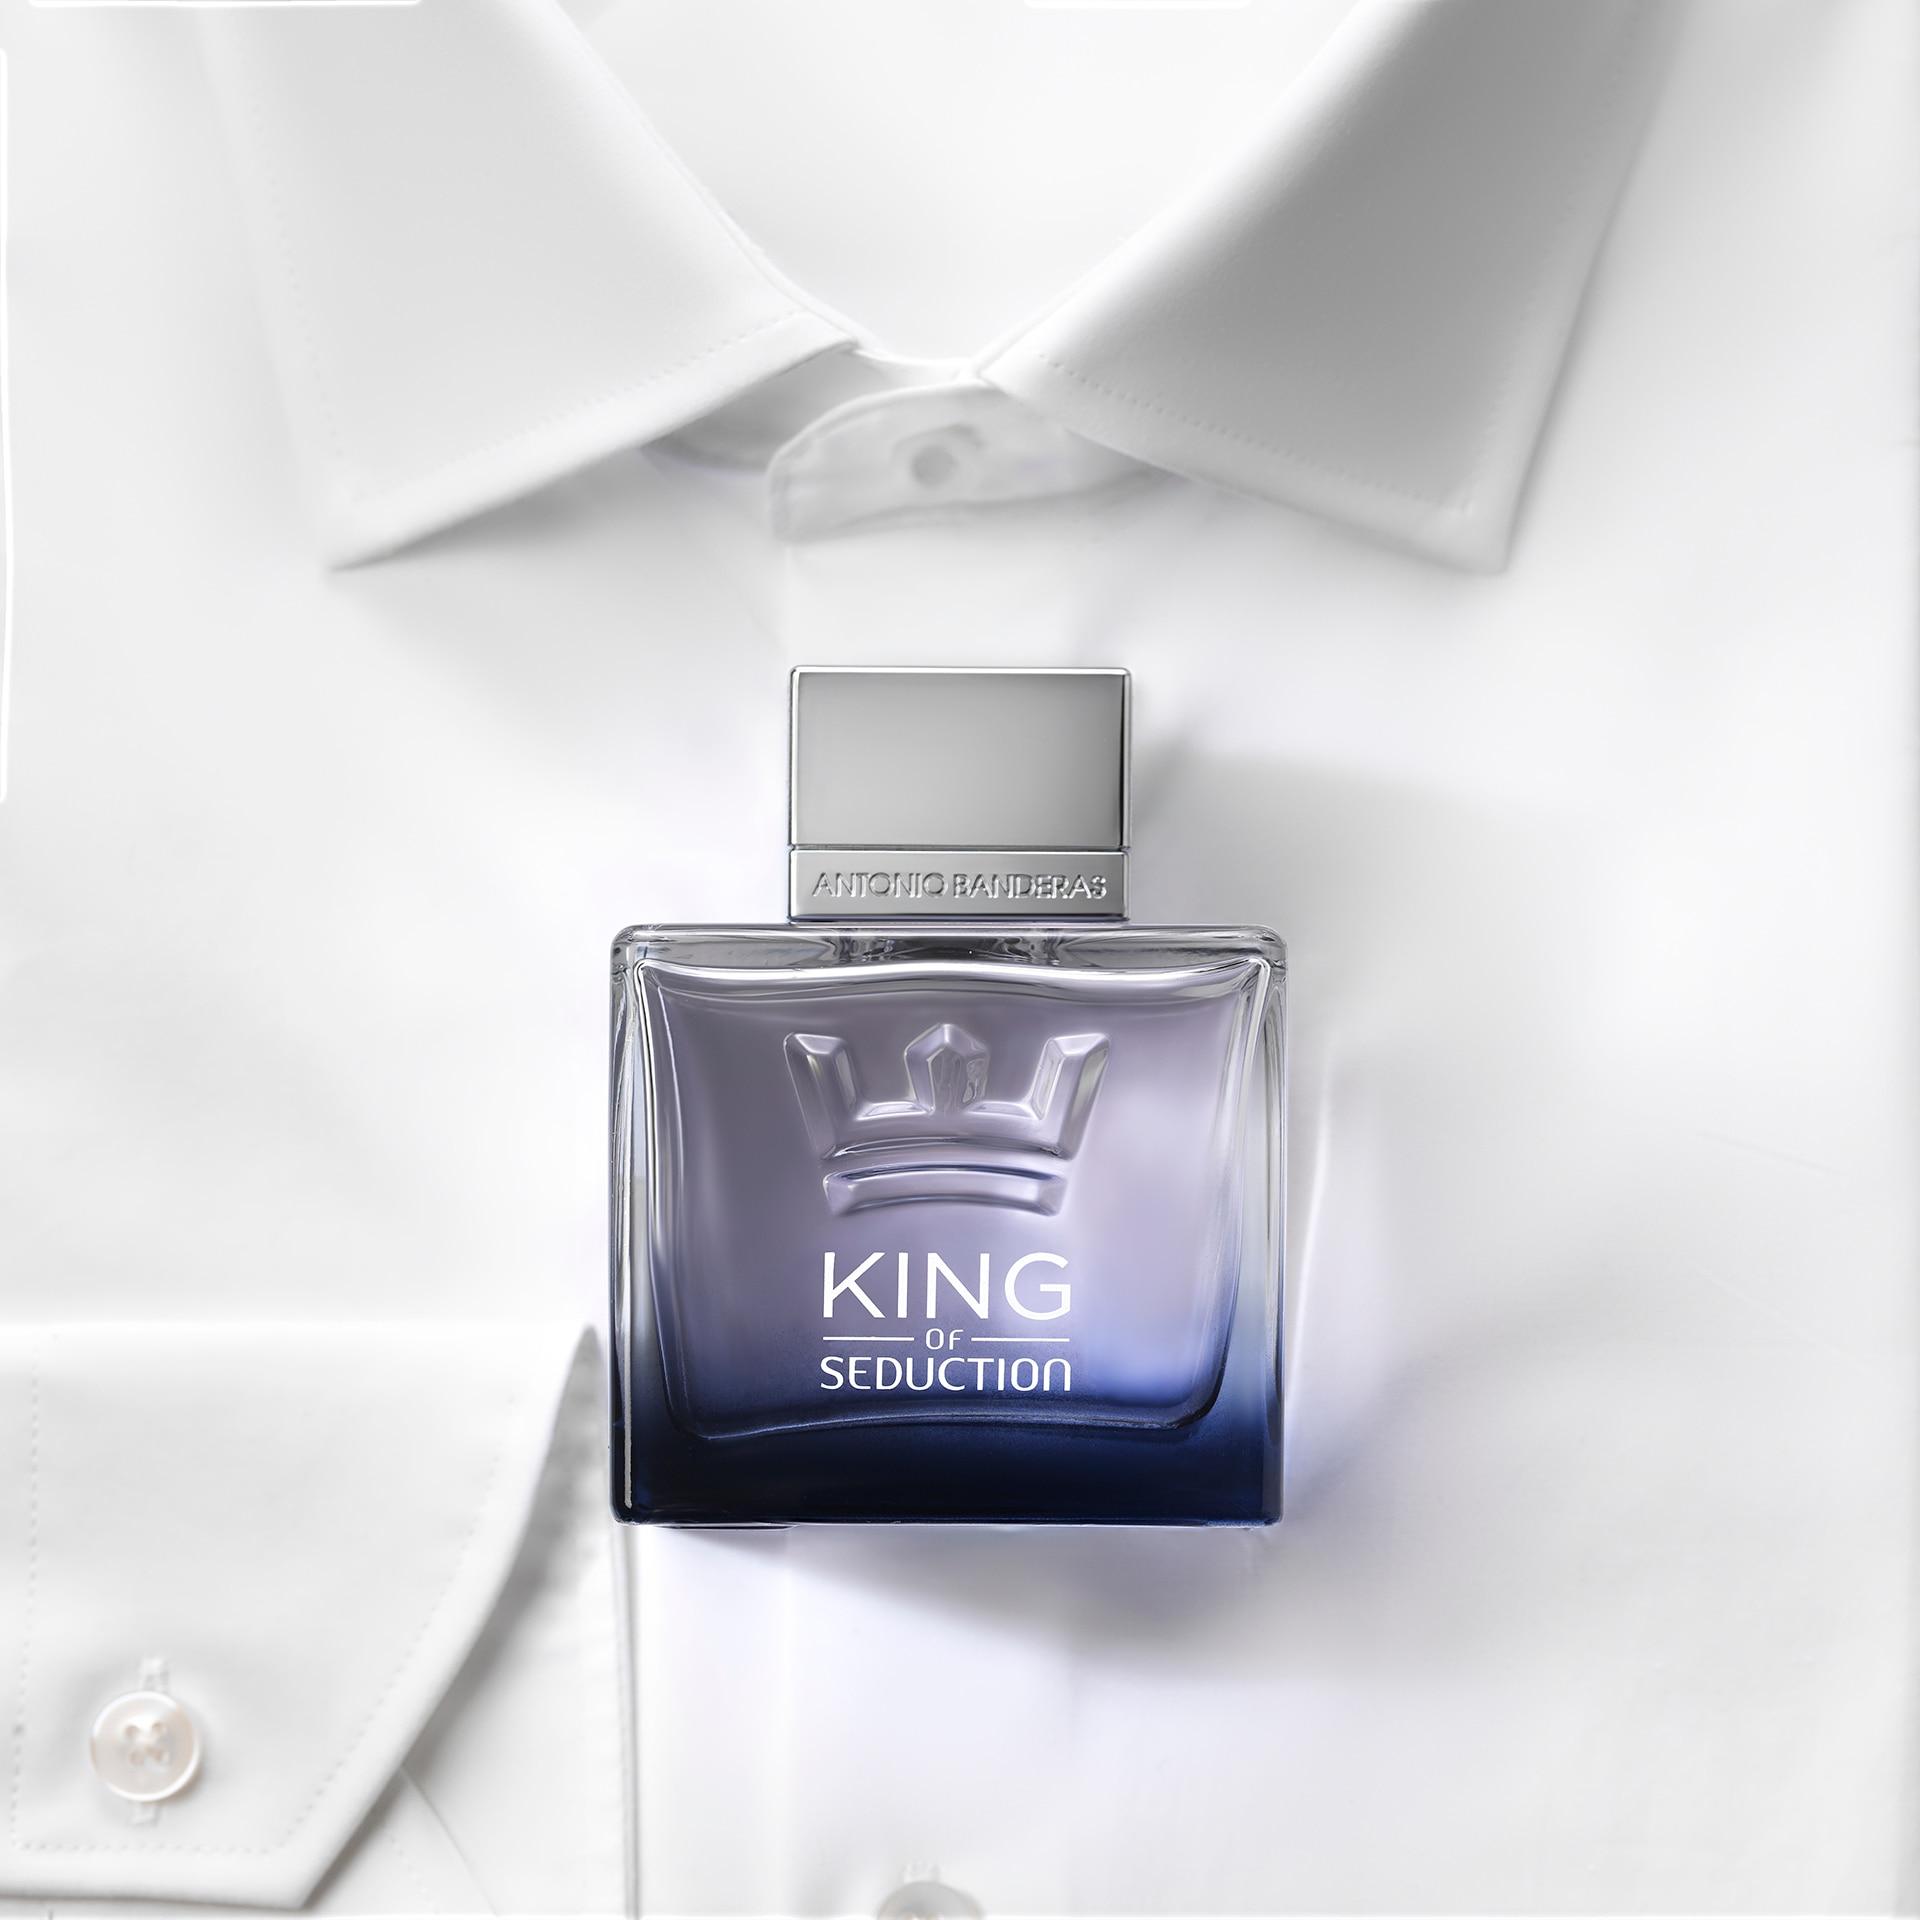 Perfume Antonio Banderas King Of Seduction Eau De Toilette Perfume 100 Ml